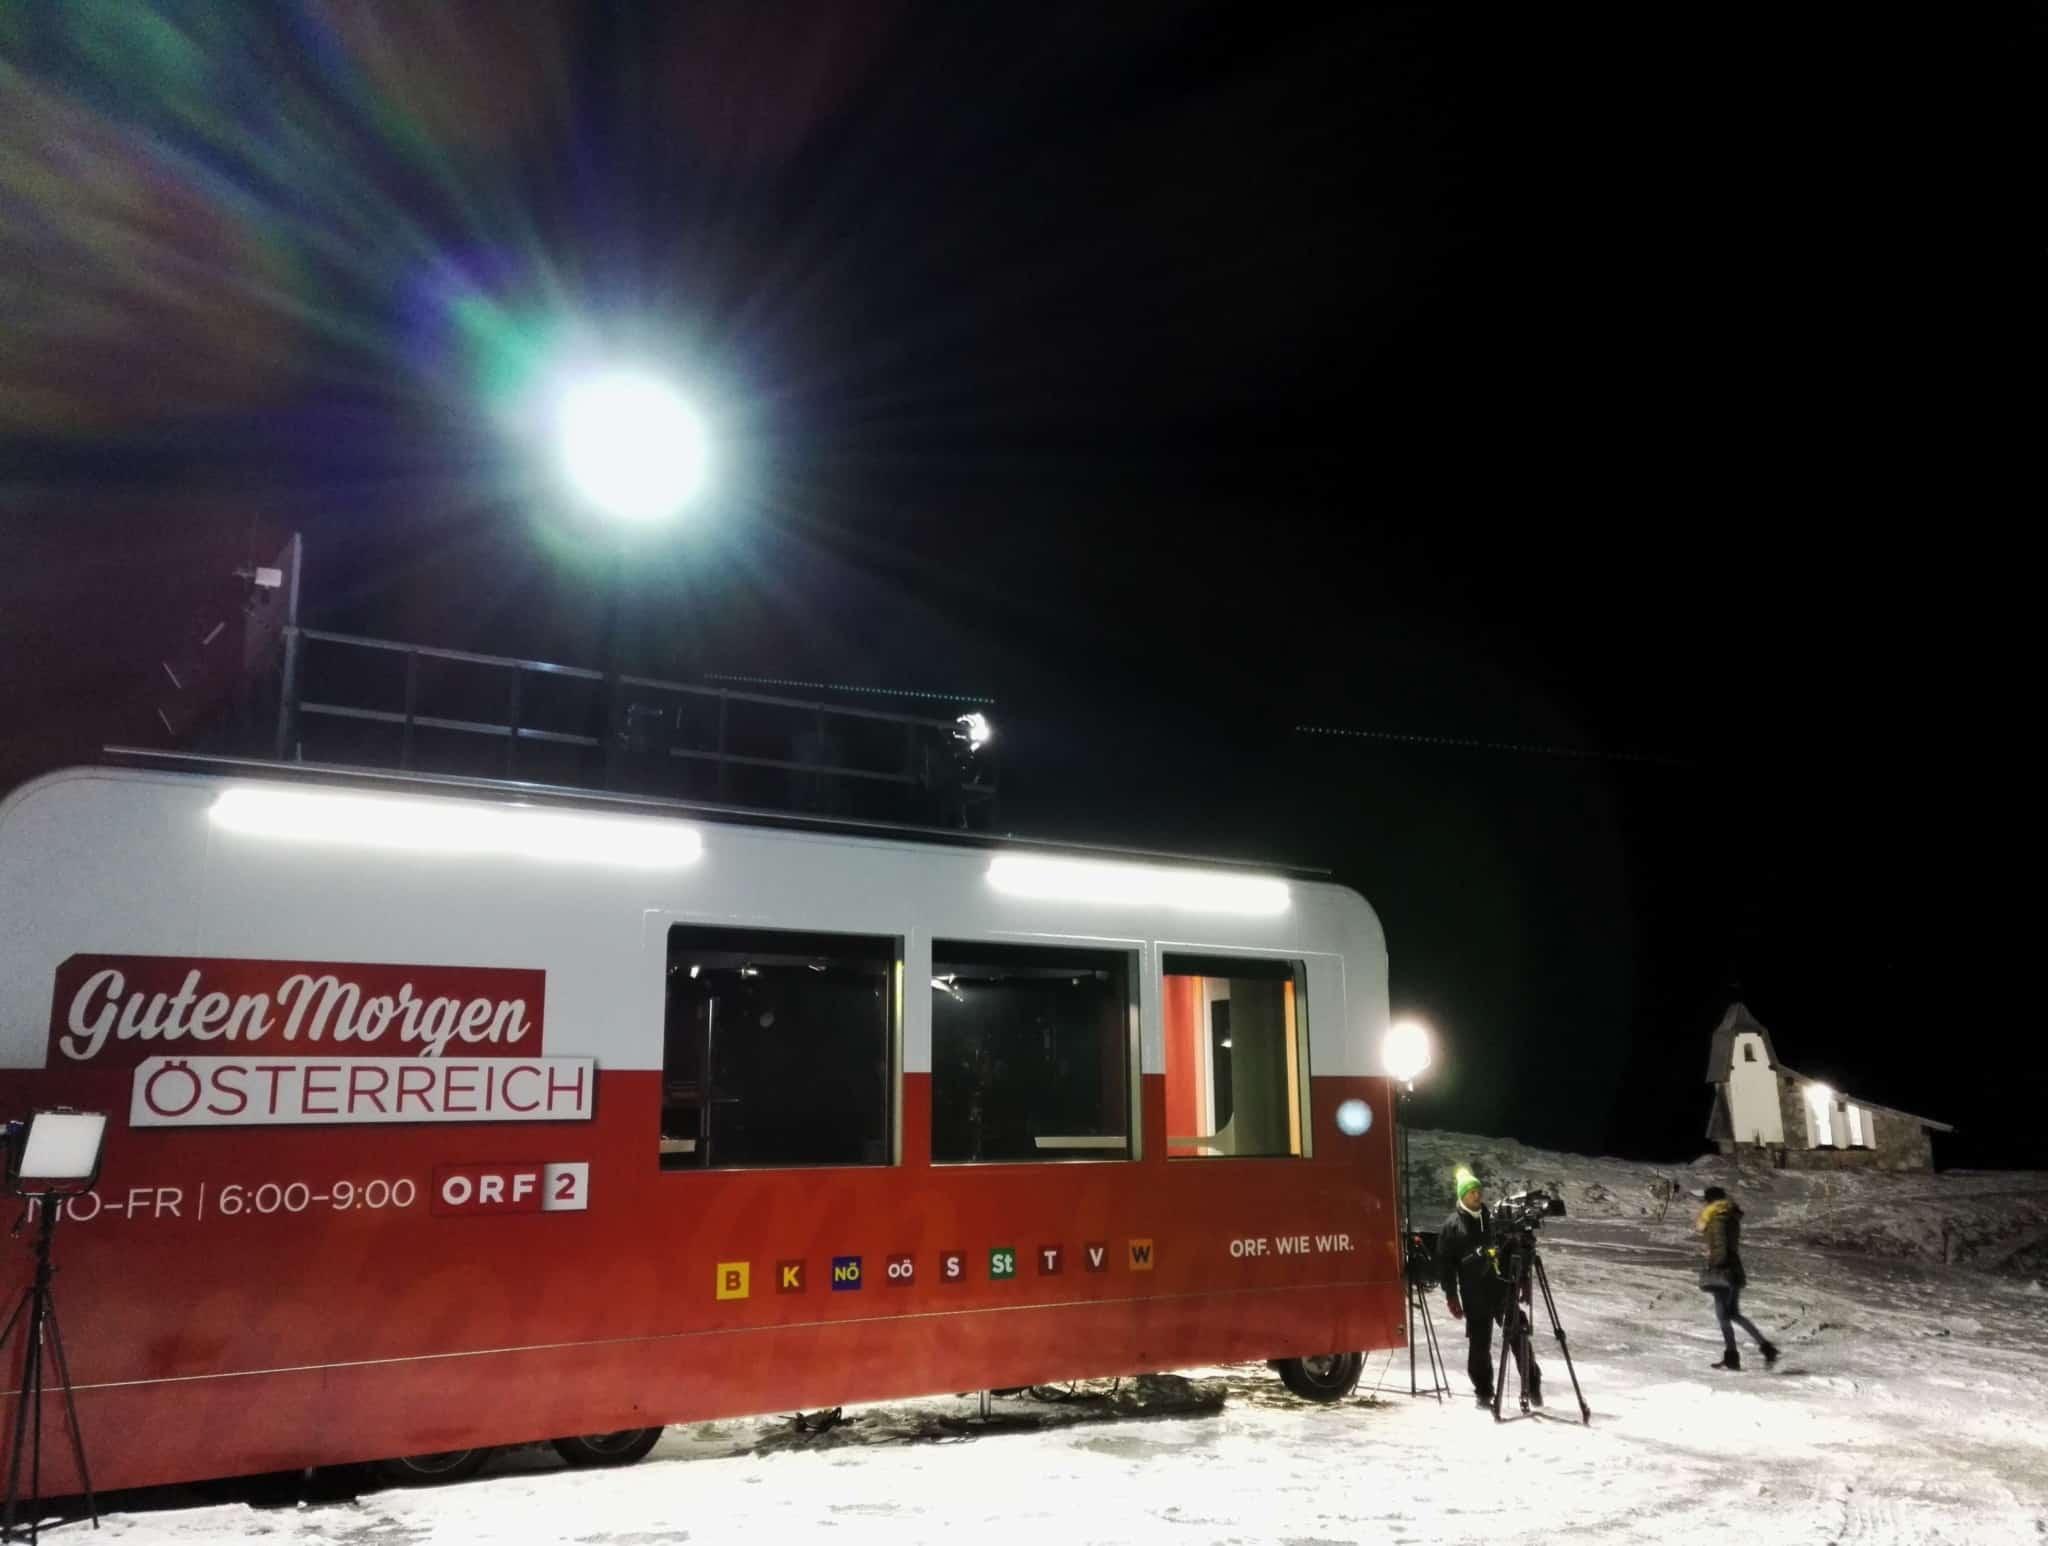 ORF GUTEN MORGEN OESTERREICH TIROL SOELDEN 14 - ORF Guten Morgen Österreich - Tirol Woche